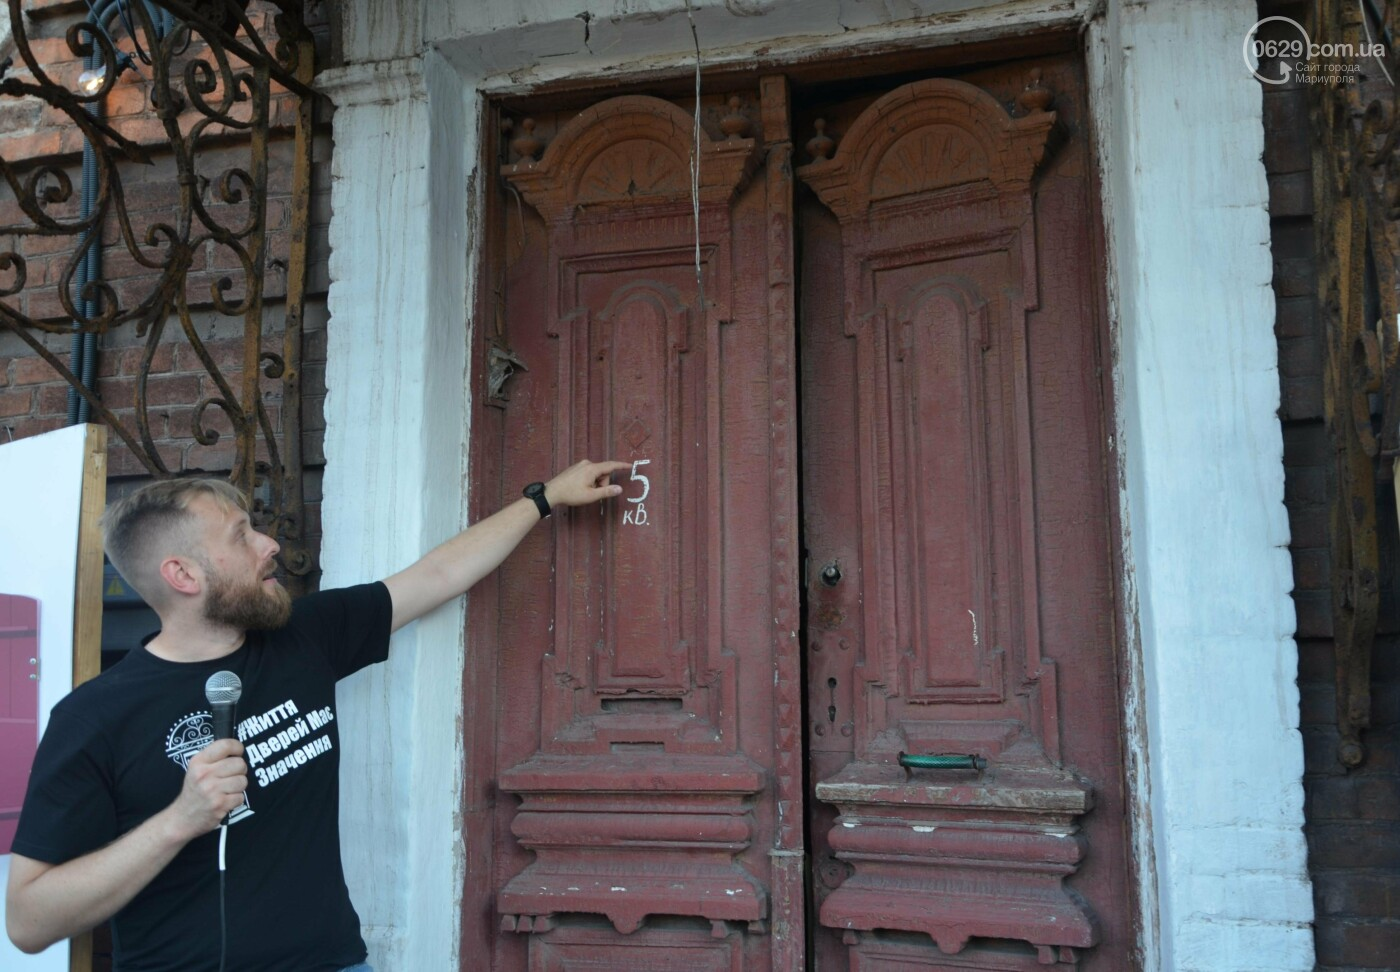 Старовинним дверям у Маріуполі влаштували справжнє свято, - ФОТОРЕПОРТАЖ, фото-27